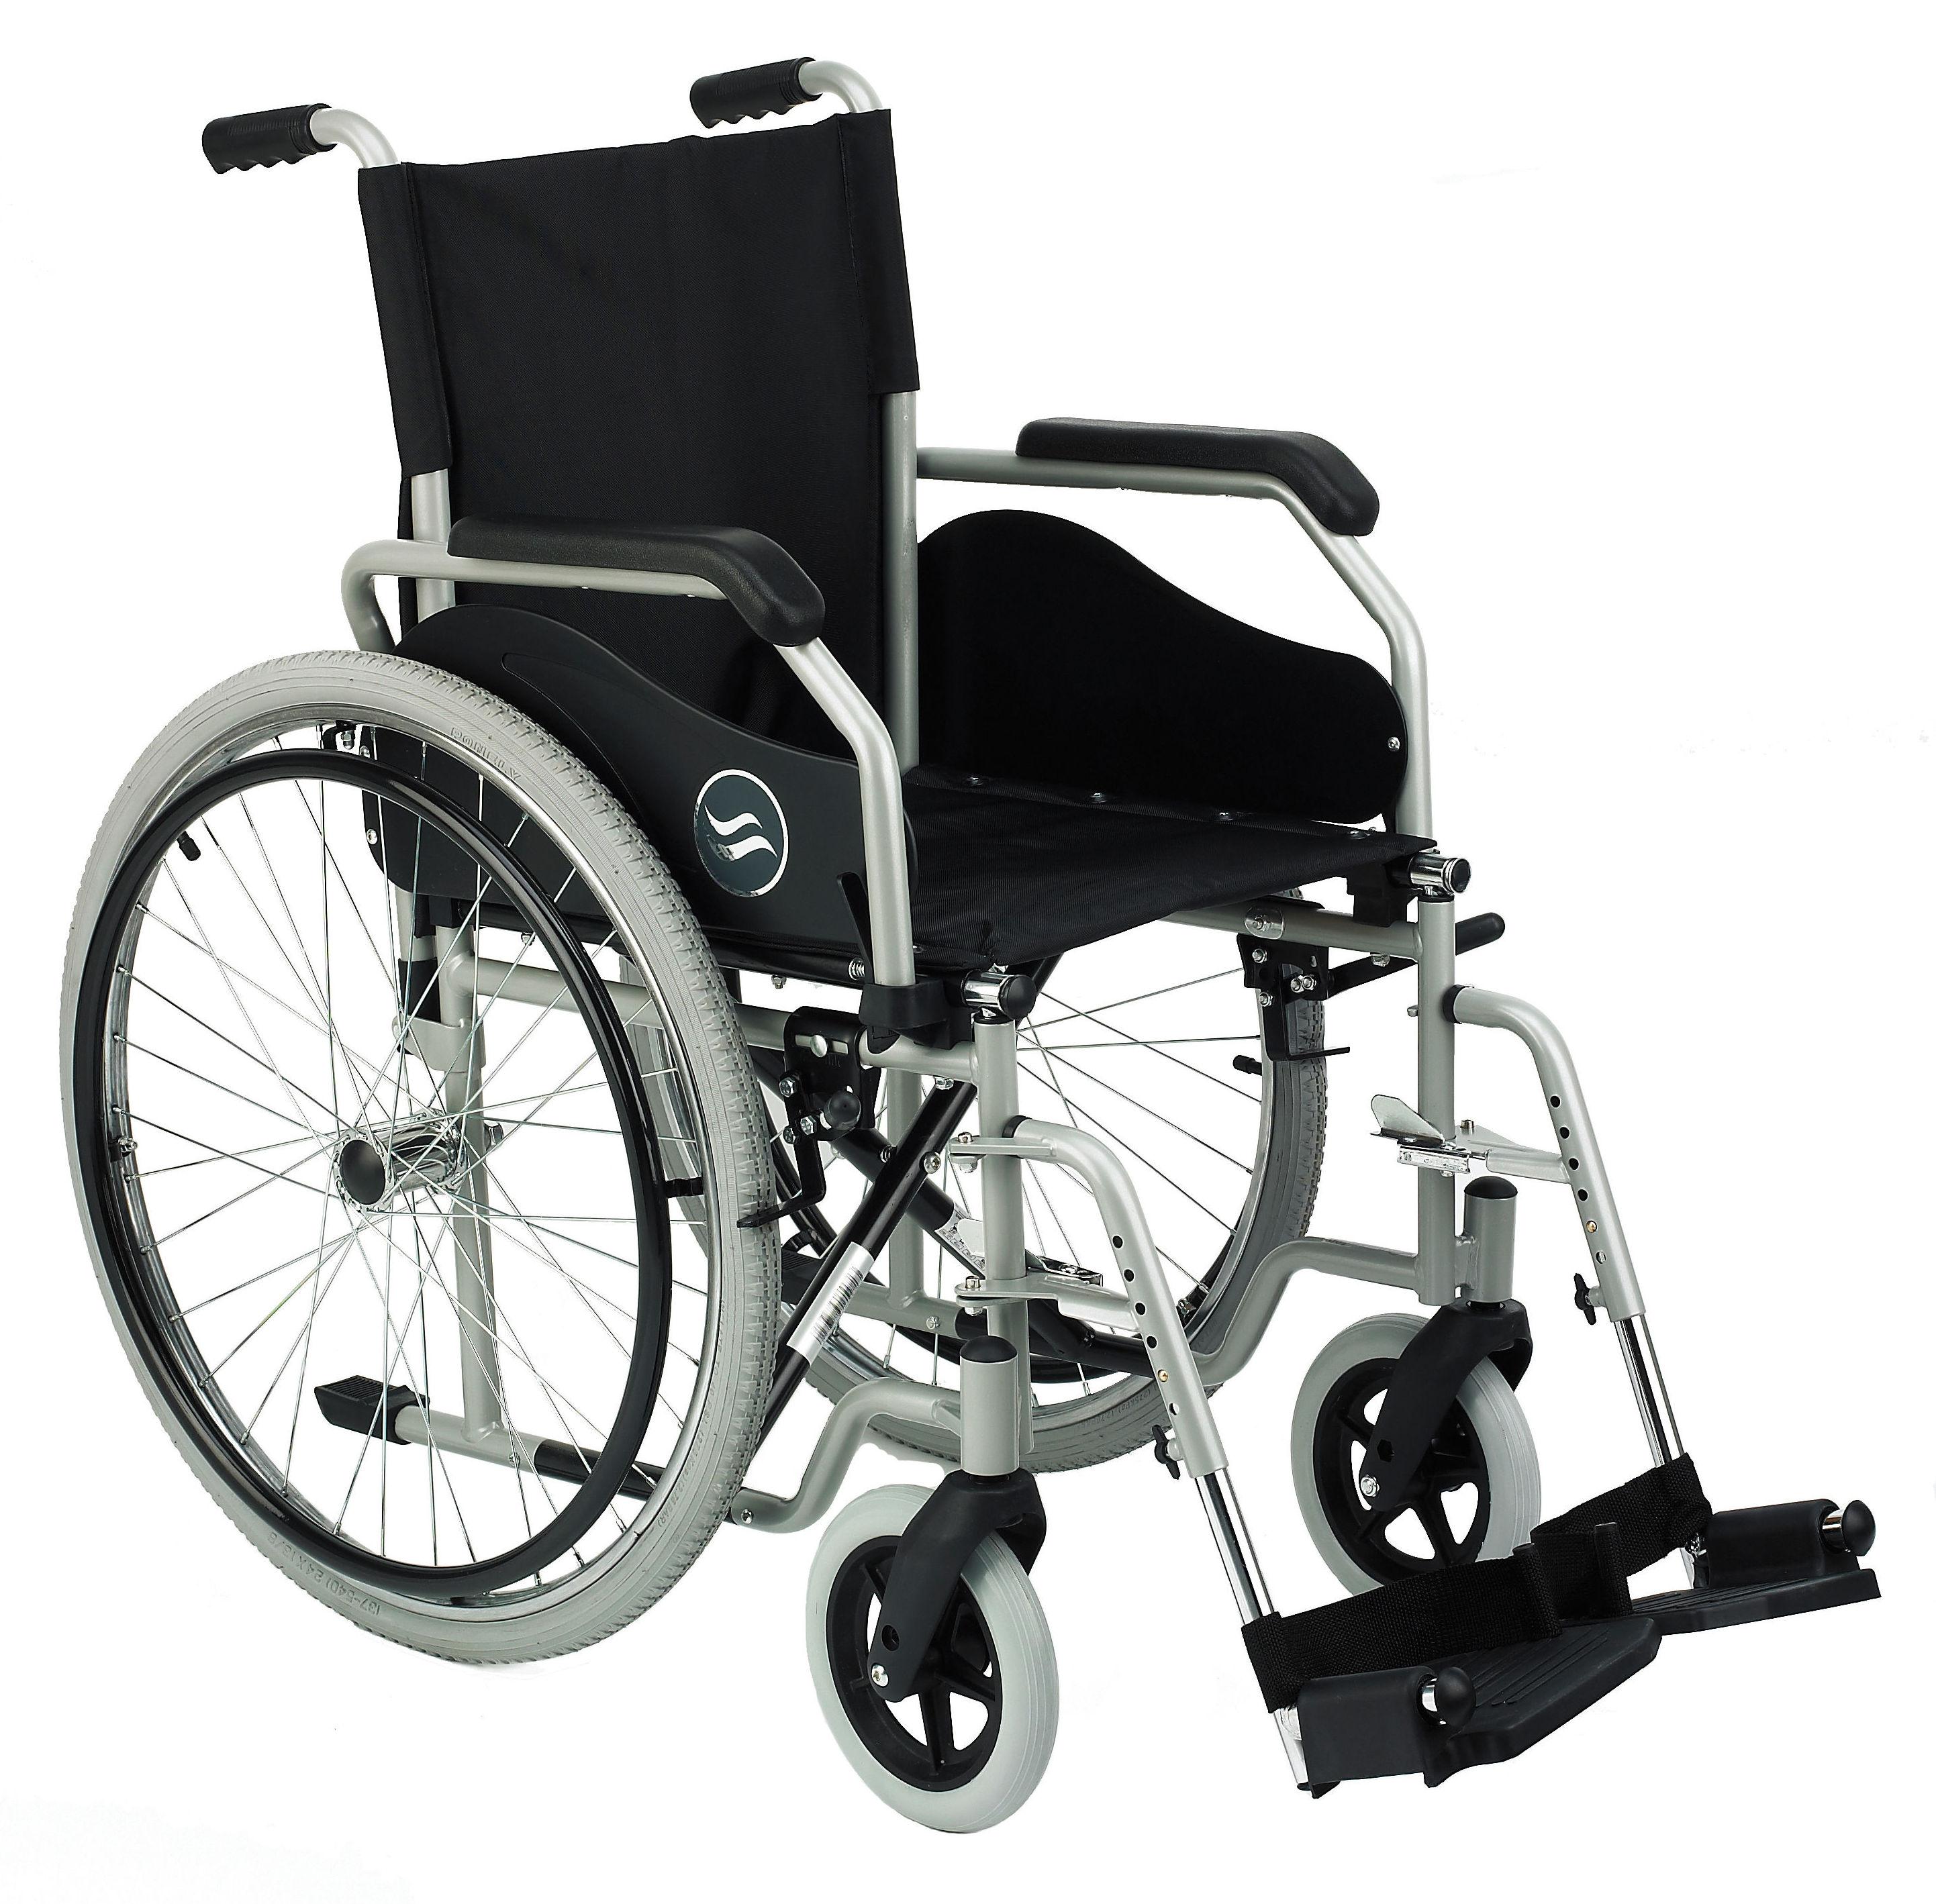 Silla de ruedas manual breezy 90 productos y servicios of ortopedia delgado s l - Ortopedia silla de ruedas ...